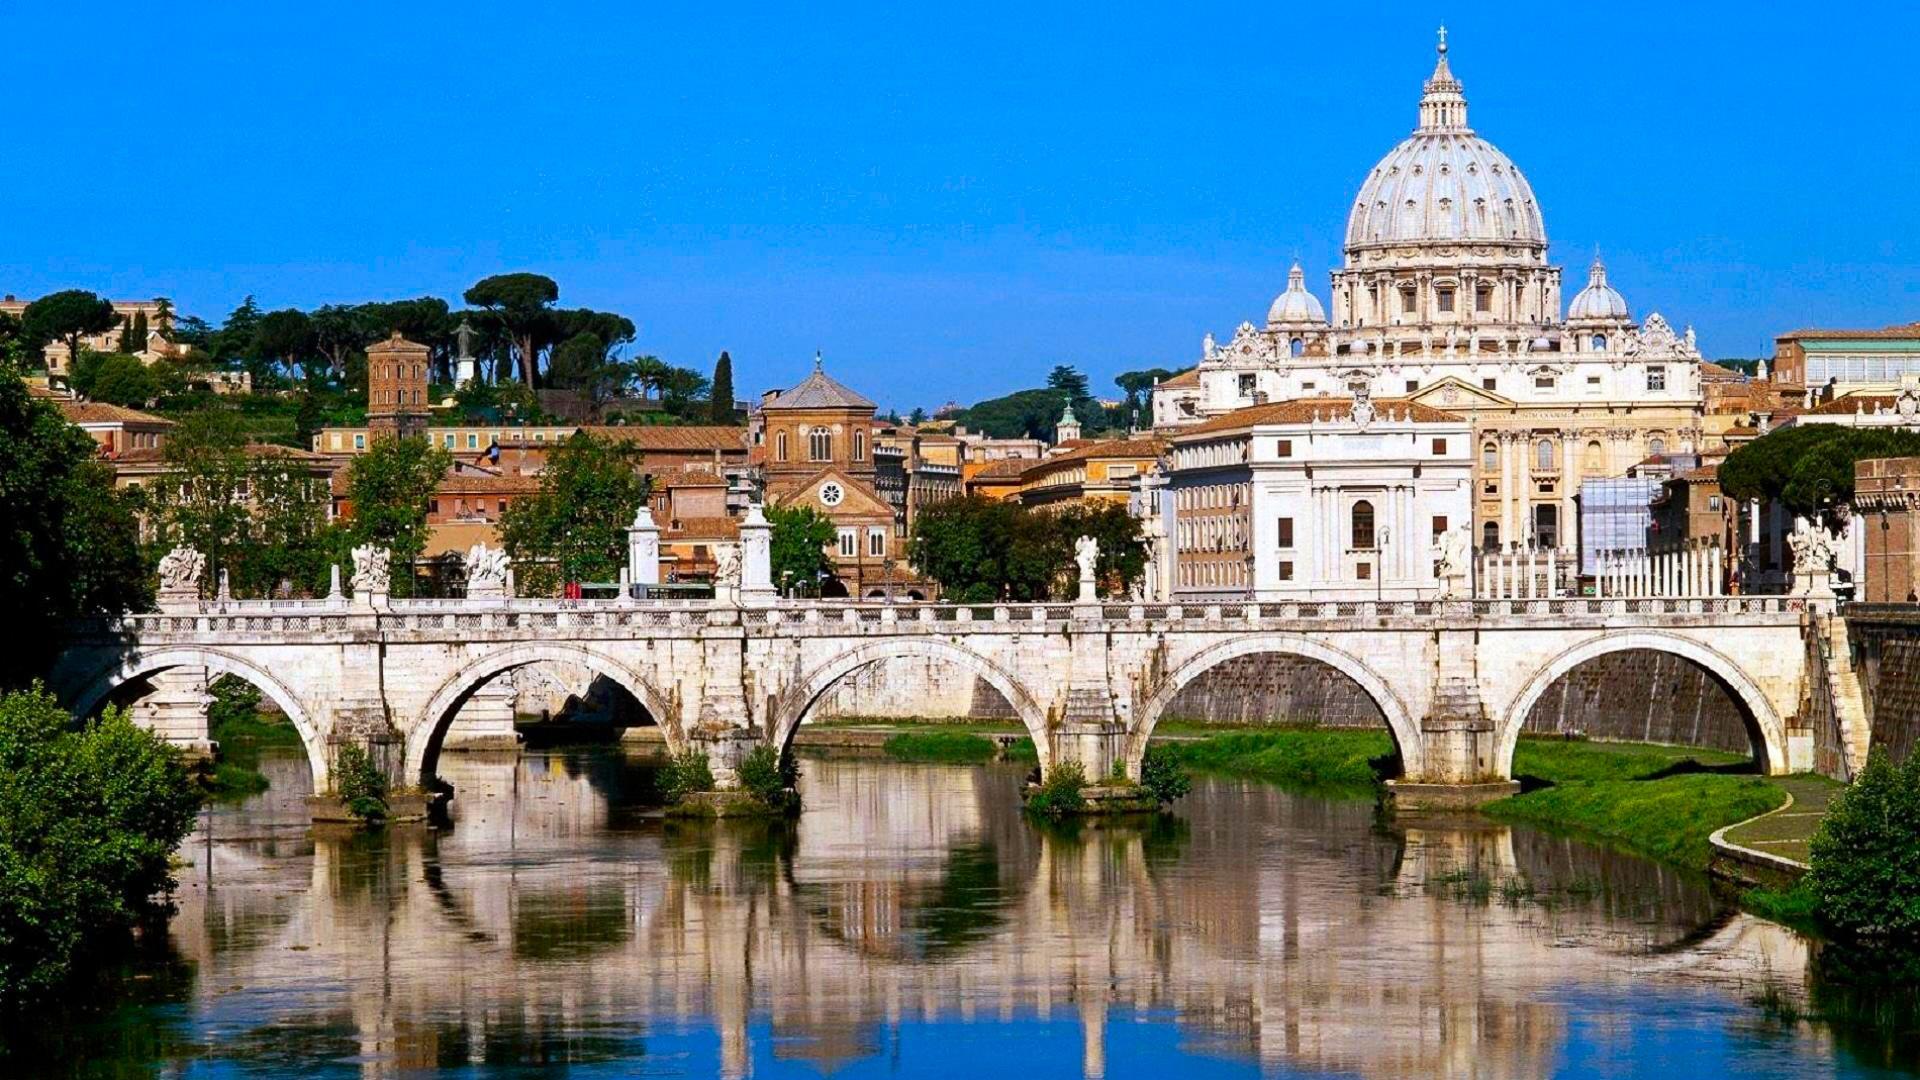 страны архитектура Италия Рим country architecture Italy Rome  № 285910 загрузить